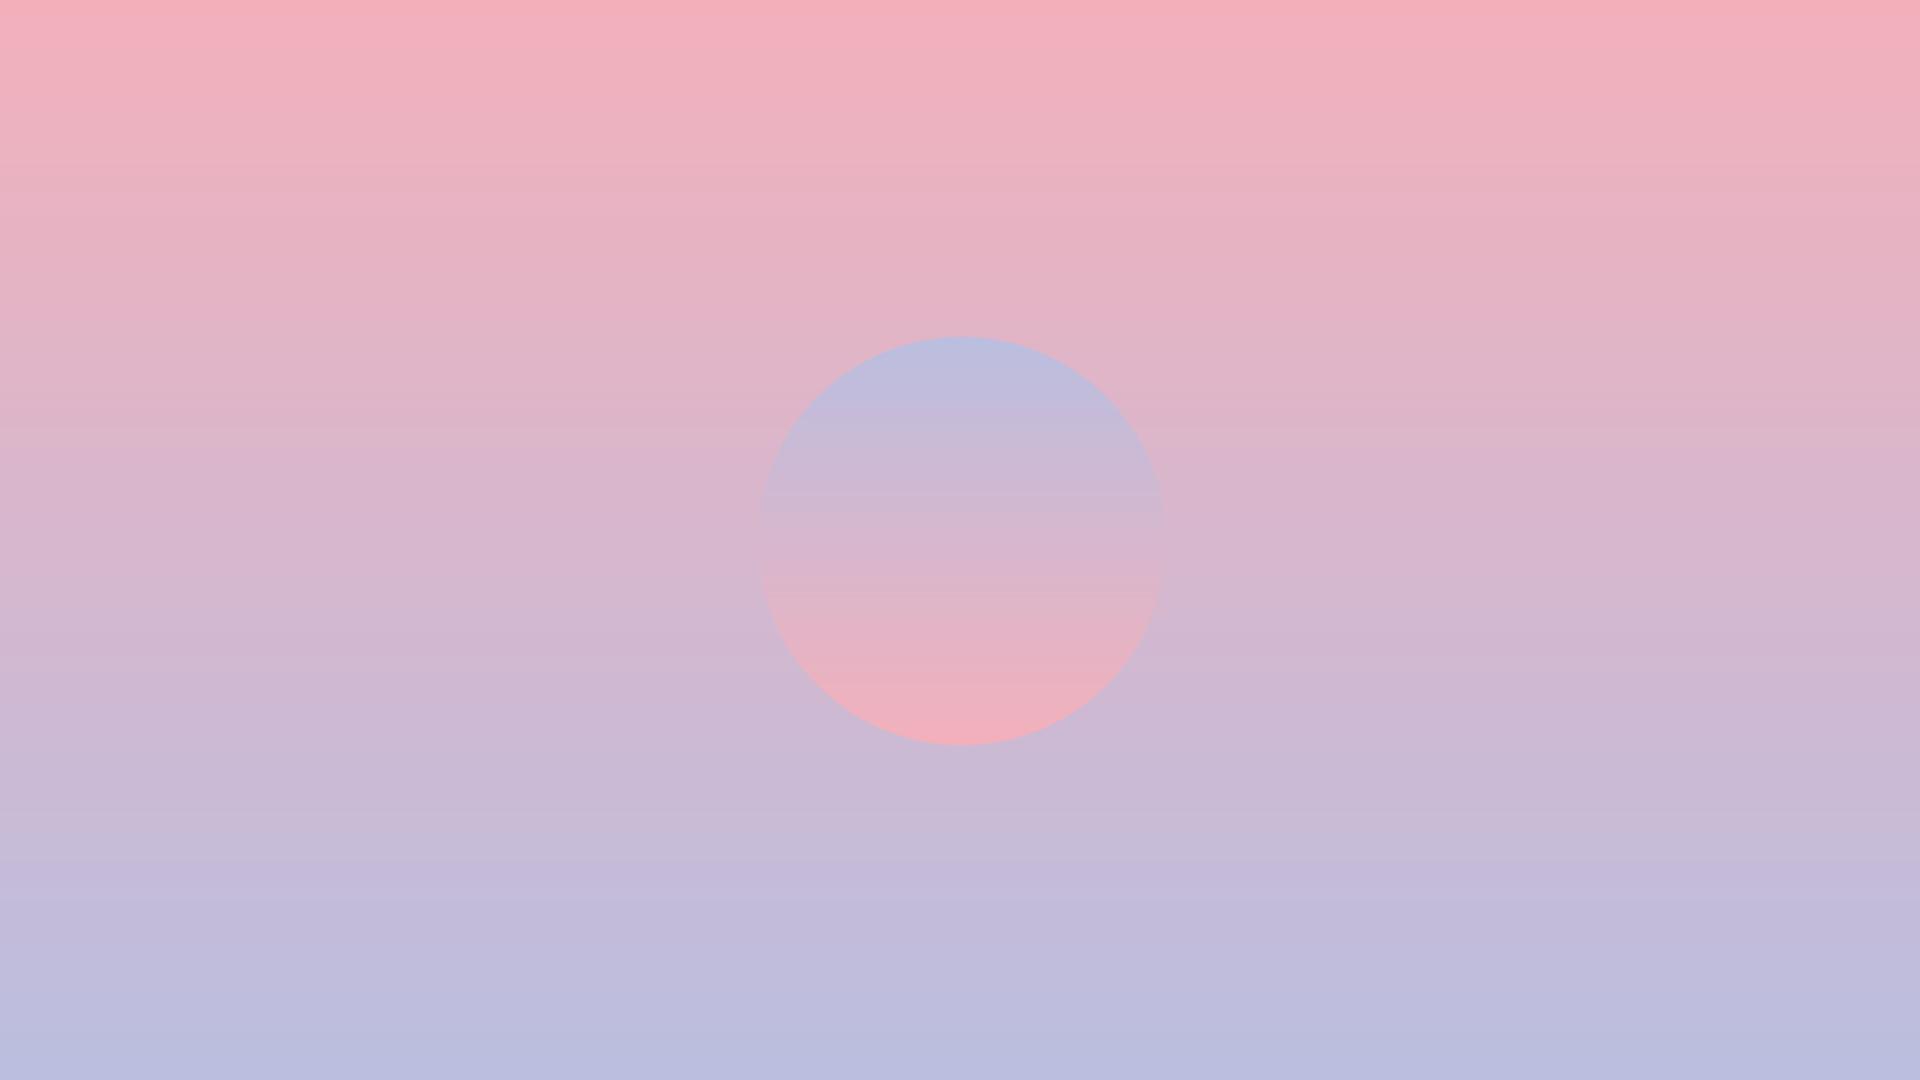 circletypeposter画板 1-100.jpg